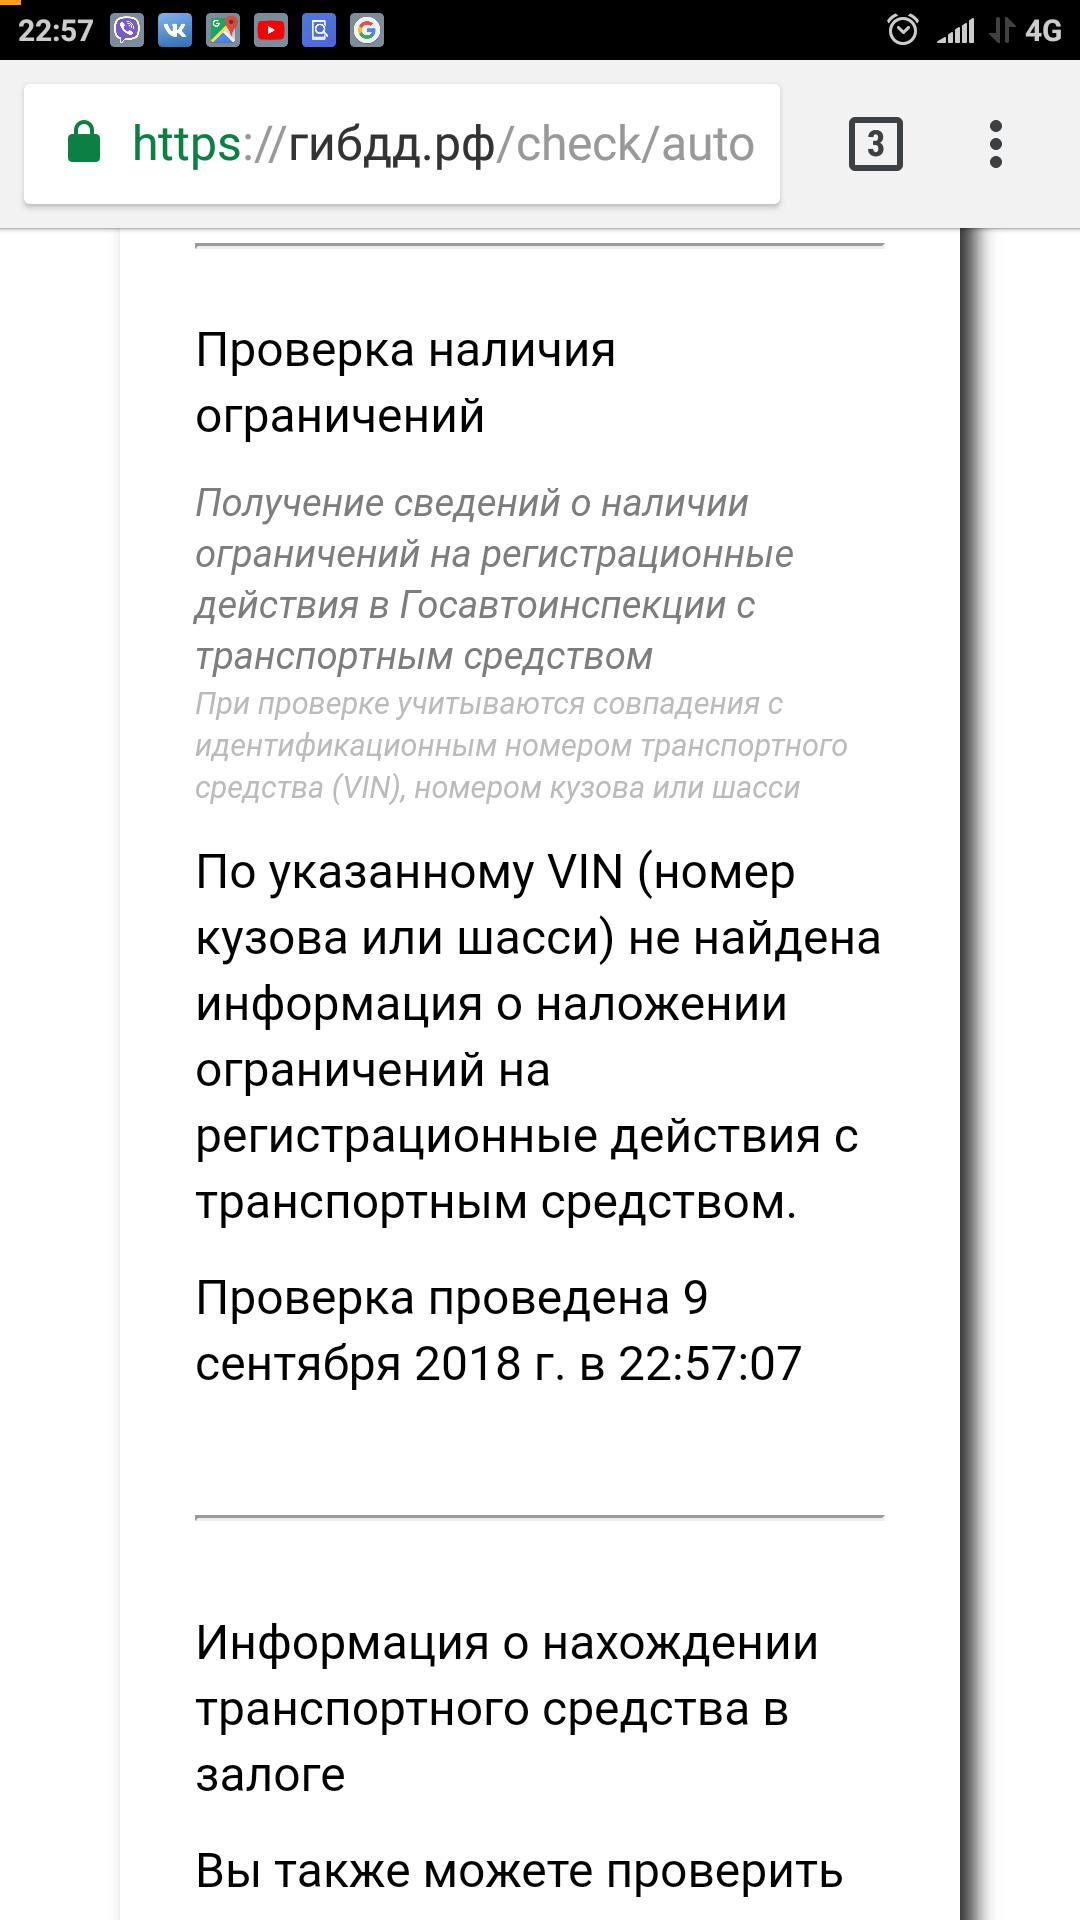 Можно перекинуть с сбербанка на украинскую приватбанк